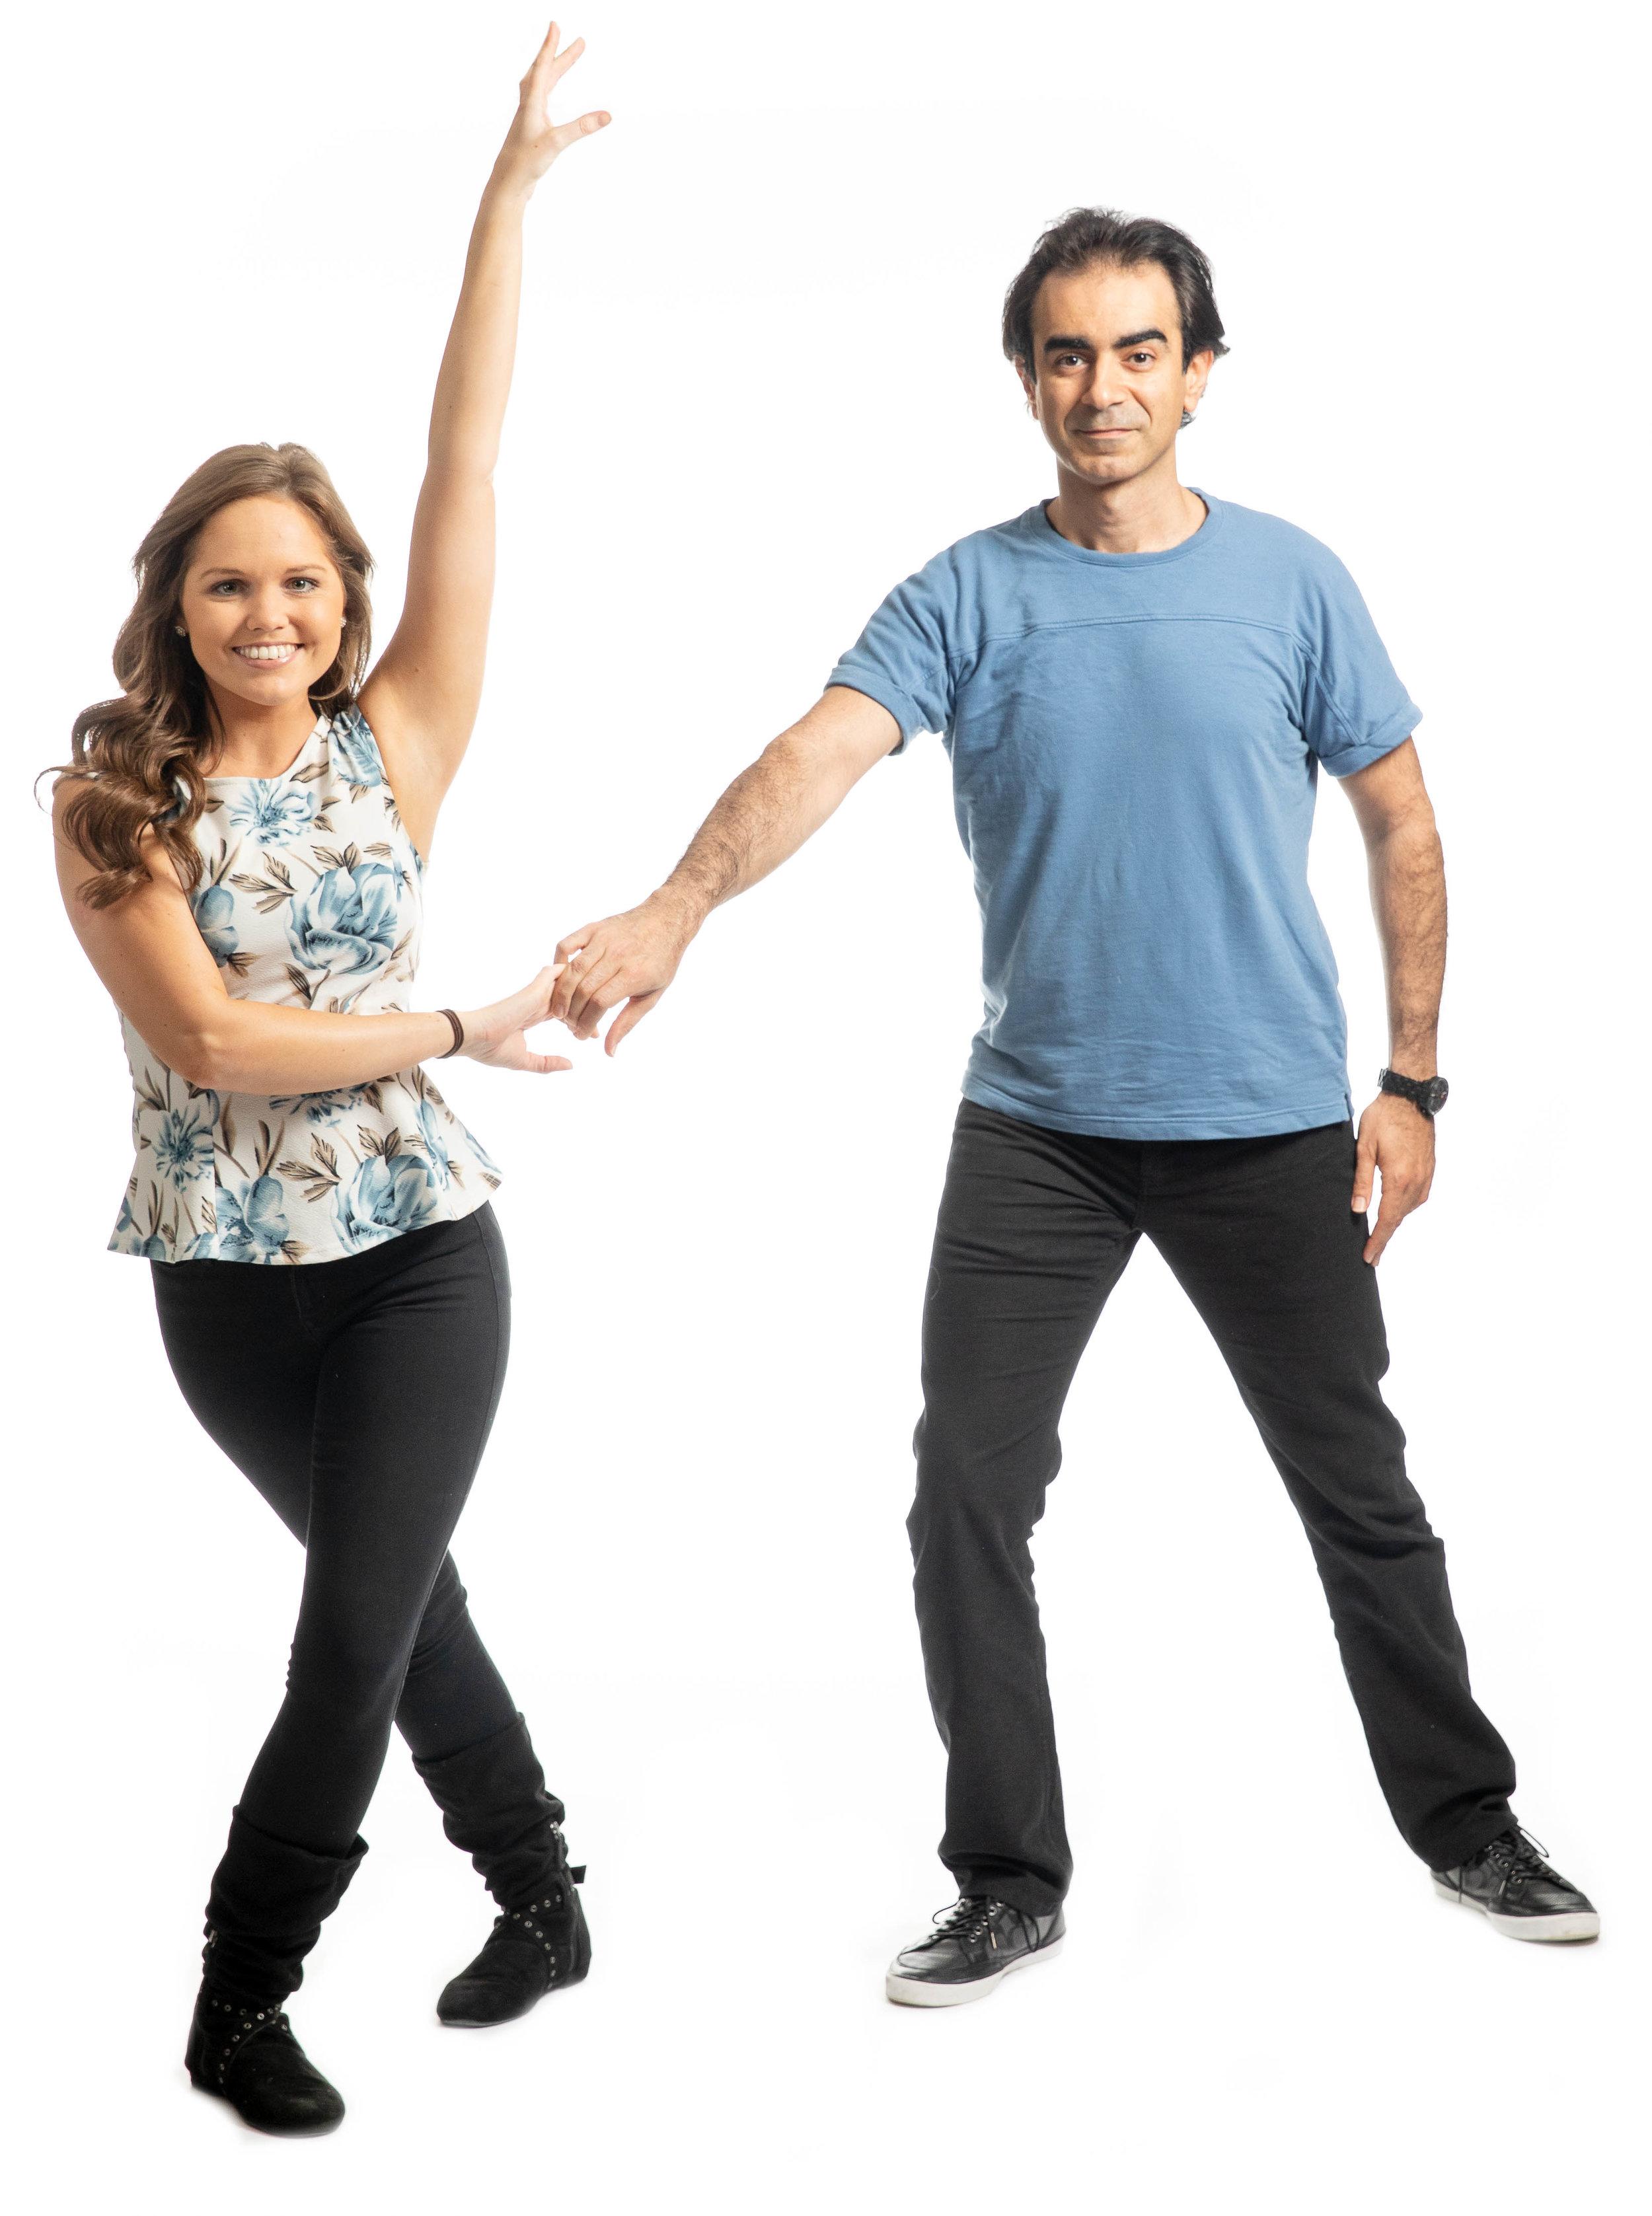 Tanya and Reza-Edit.jpg